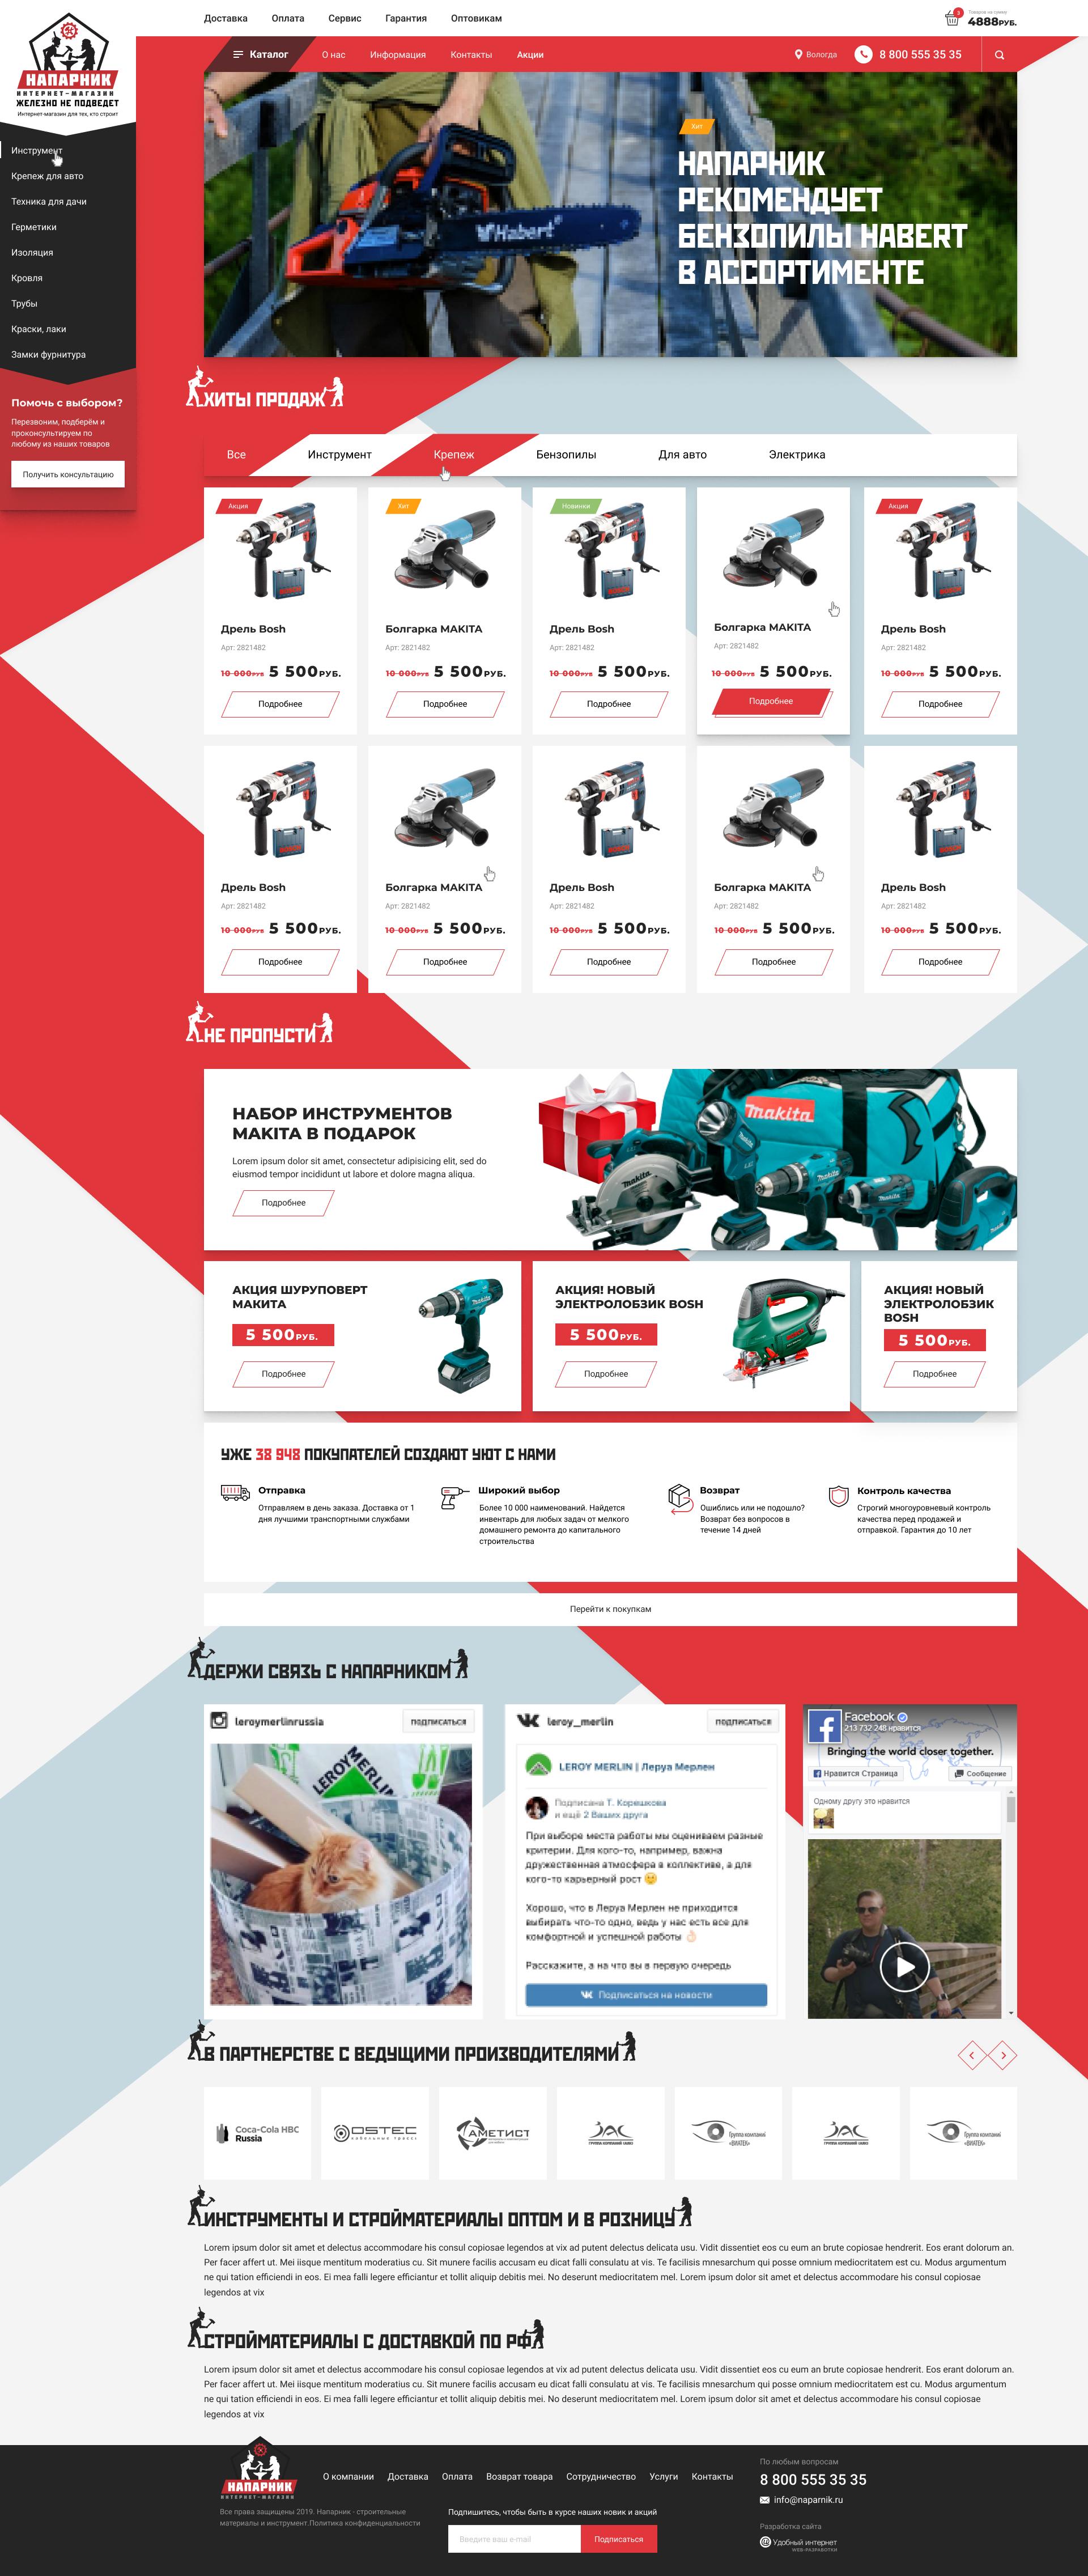 Дизайн  строительного интернет-магазина